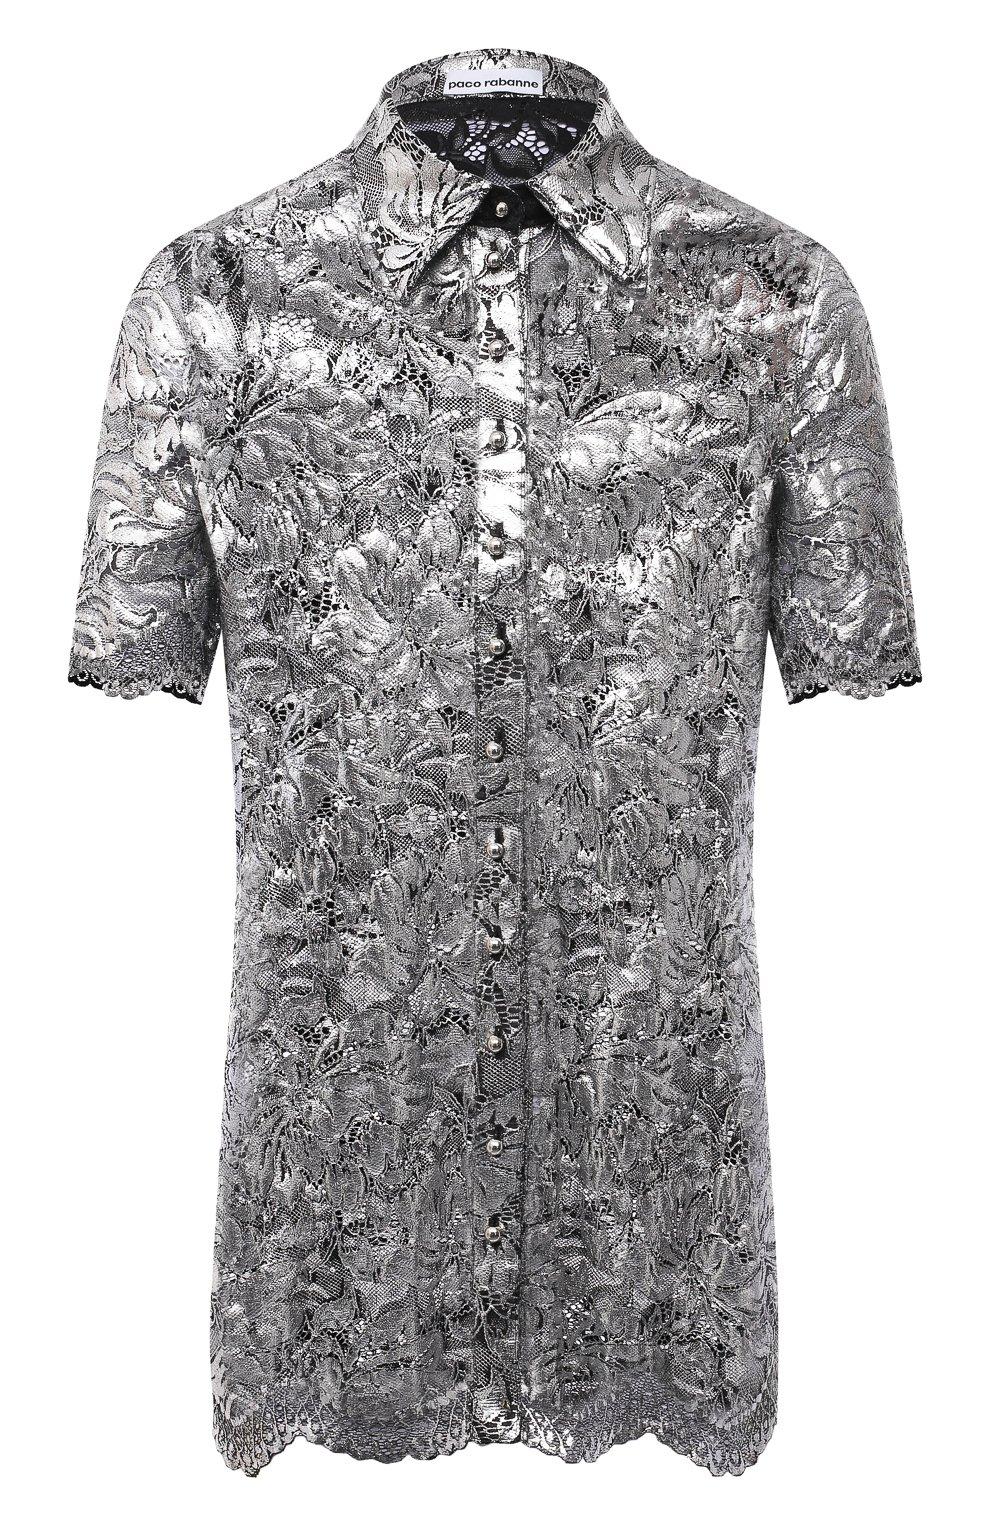 Женская блузка PACO RABANNE серебряного цвета, арт. 21EJCE057PA0173   Фото 1 (Принт: Без принта; Рукава: Короткие; Материал внешний: Синтетический материал; Длина (для топов): Удлиненные; Стили: Романтичный; Женское Кросс-КТ: Блуза-одежда)